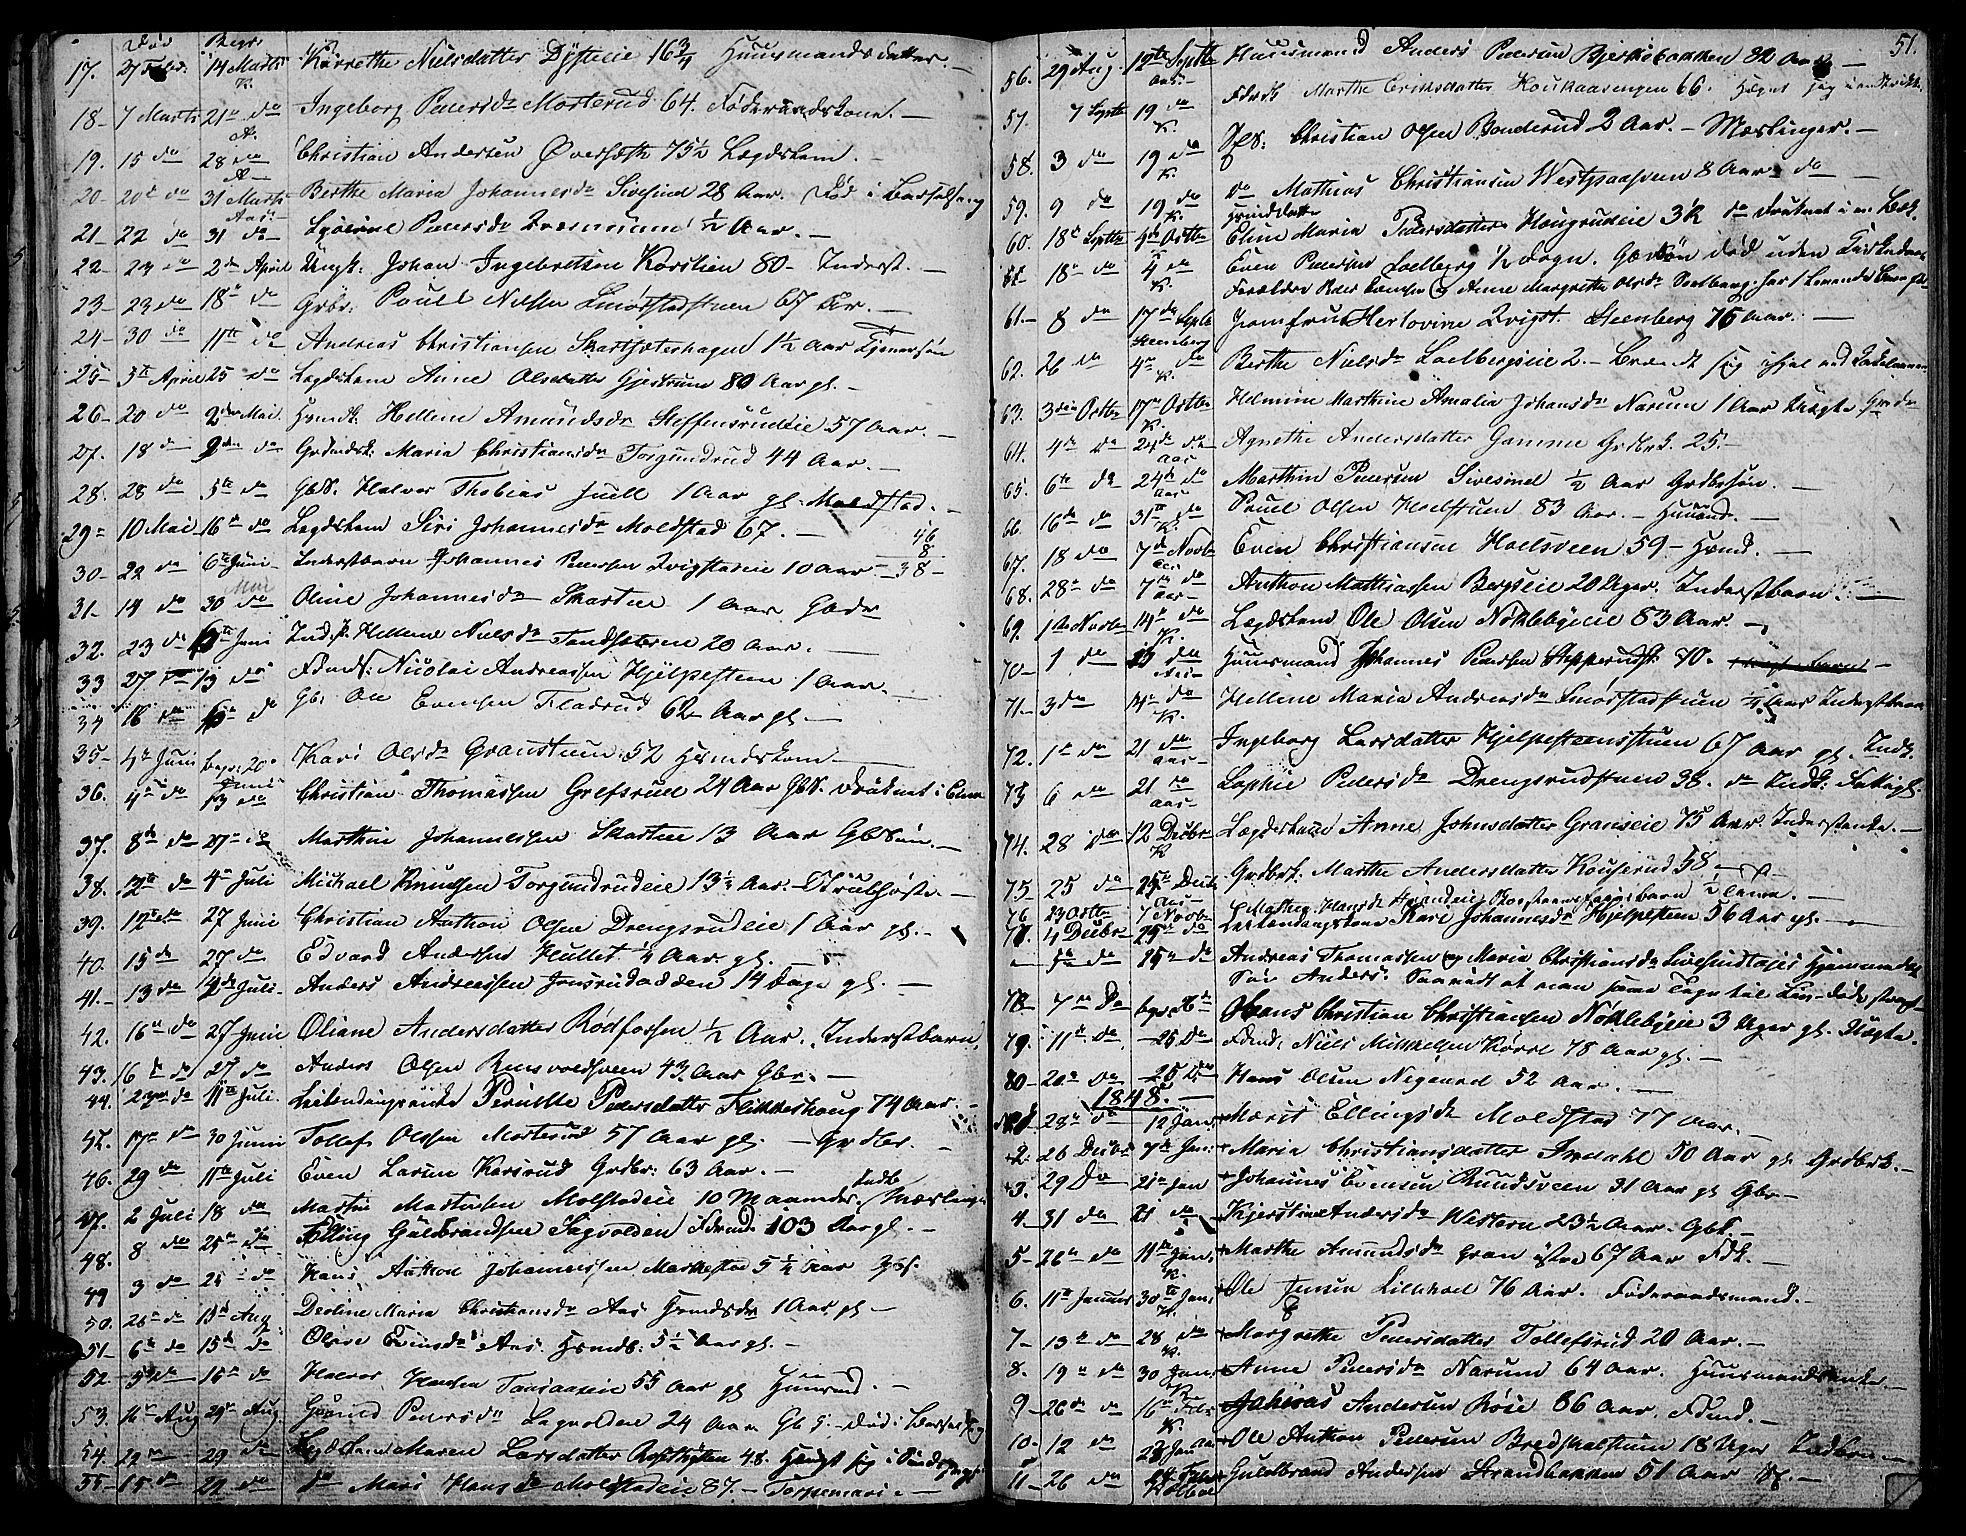 SAH, Vestre Toten prestekontor, H/Ha/Hab/L0003: Klokkerbok nr. 3, 1846-1854, s. 51